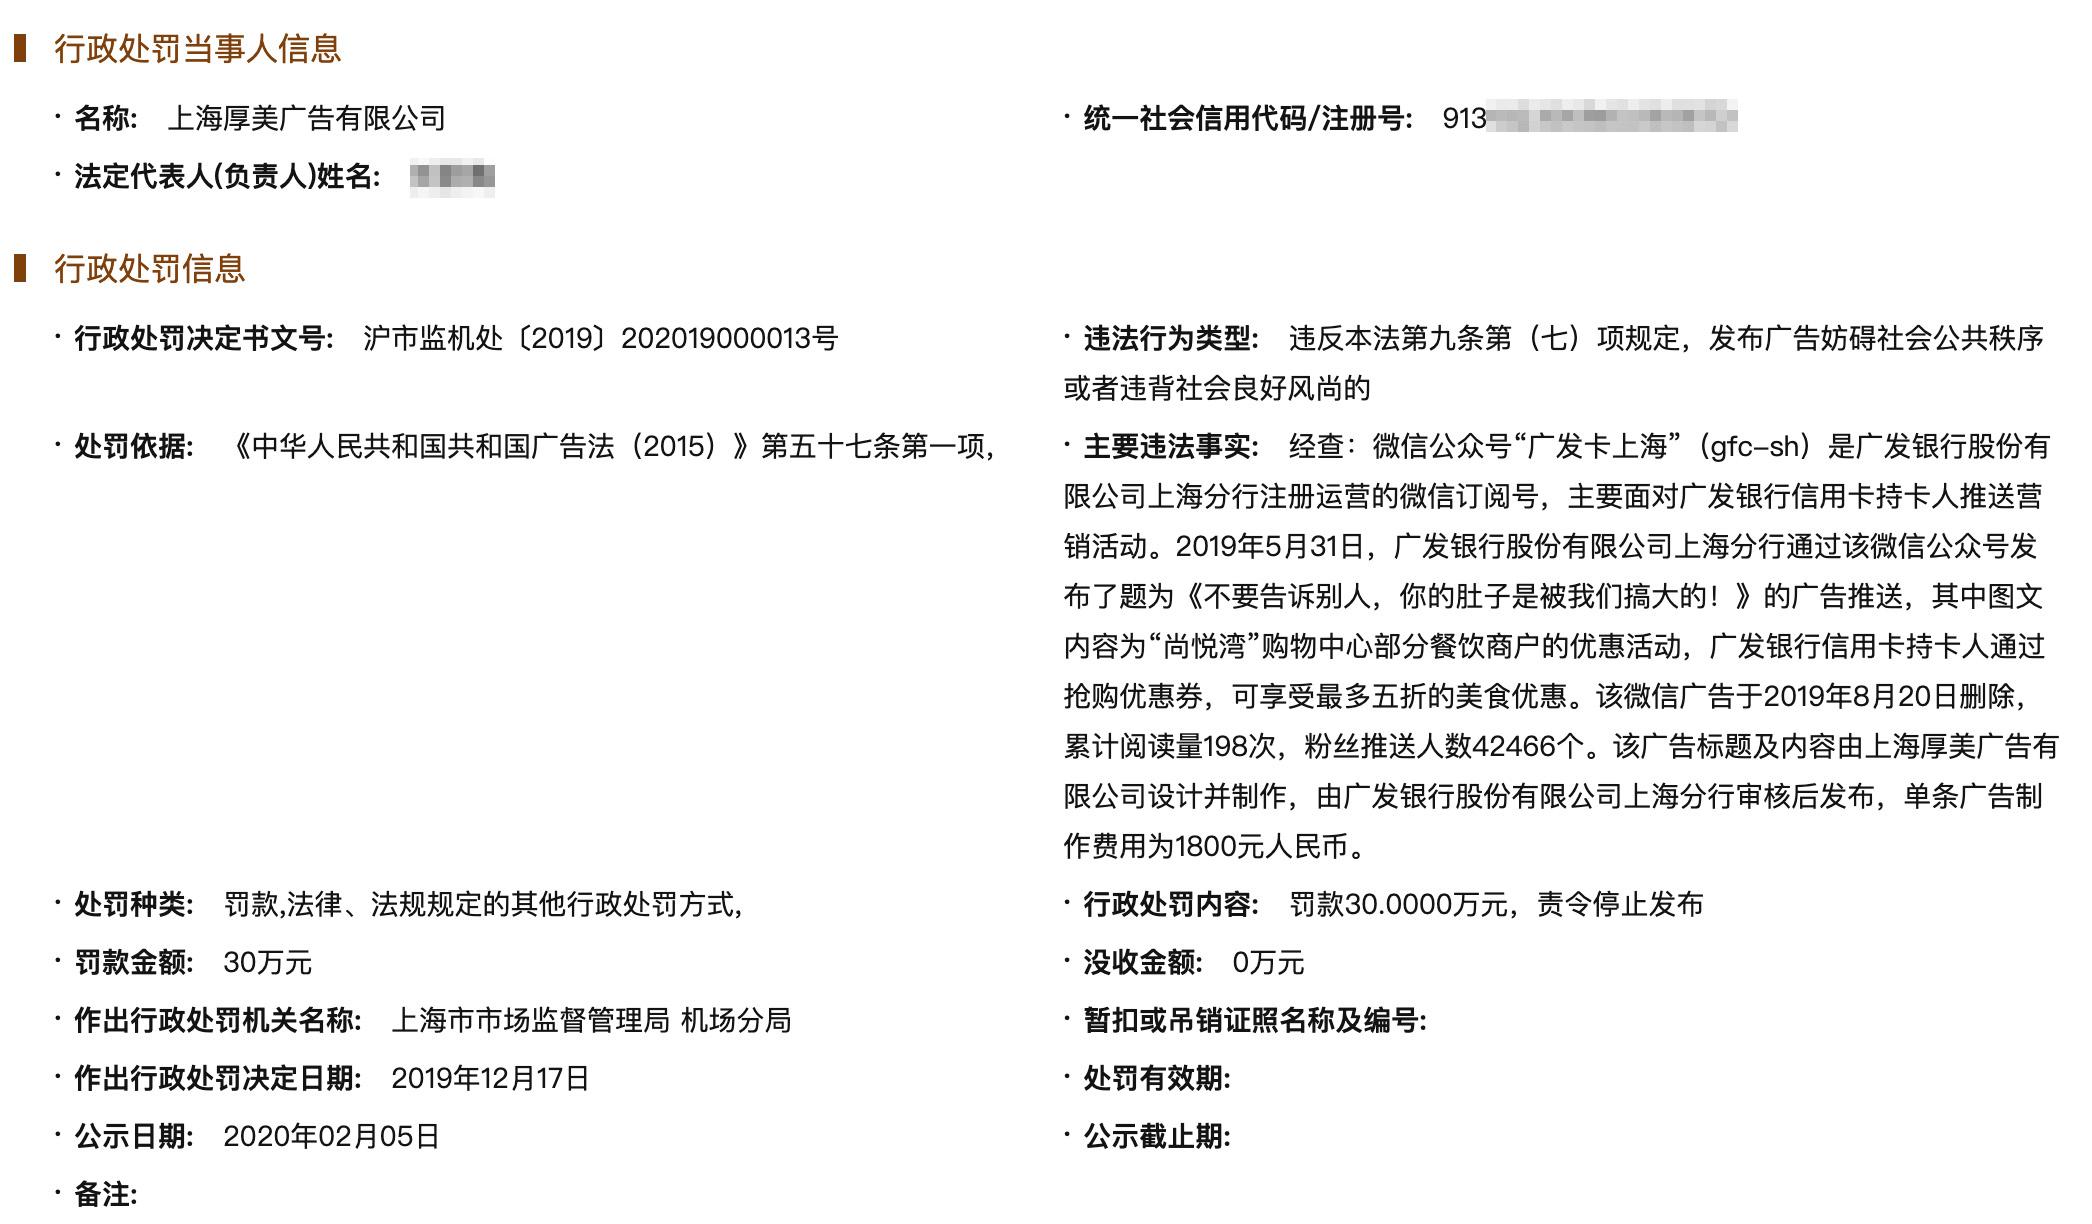 厚美公司被罚款30万元; ;国家企业信用信息公示系统 截图